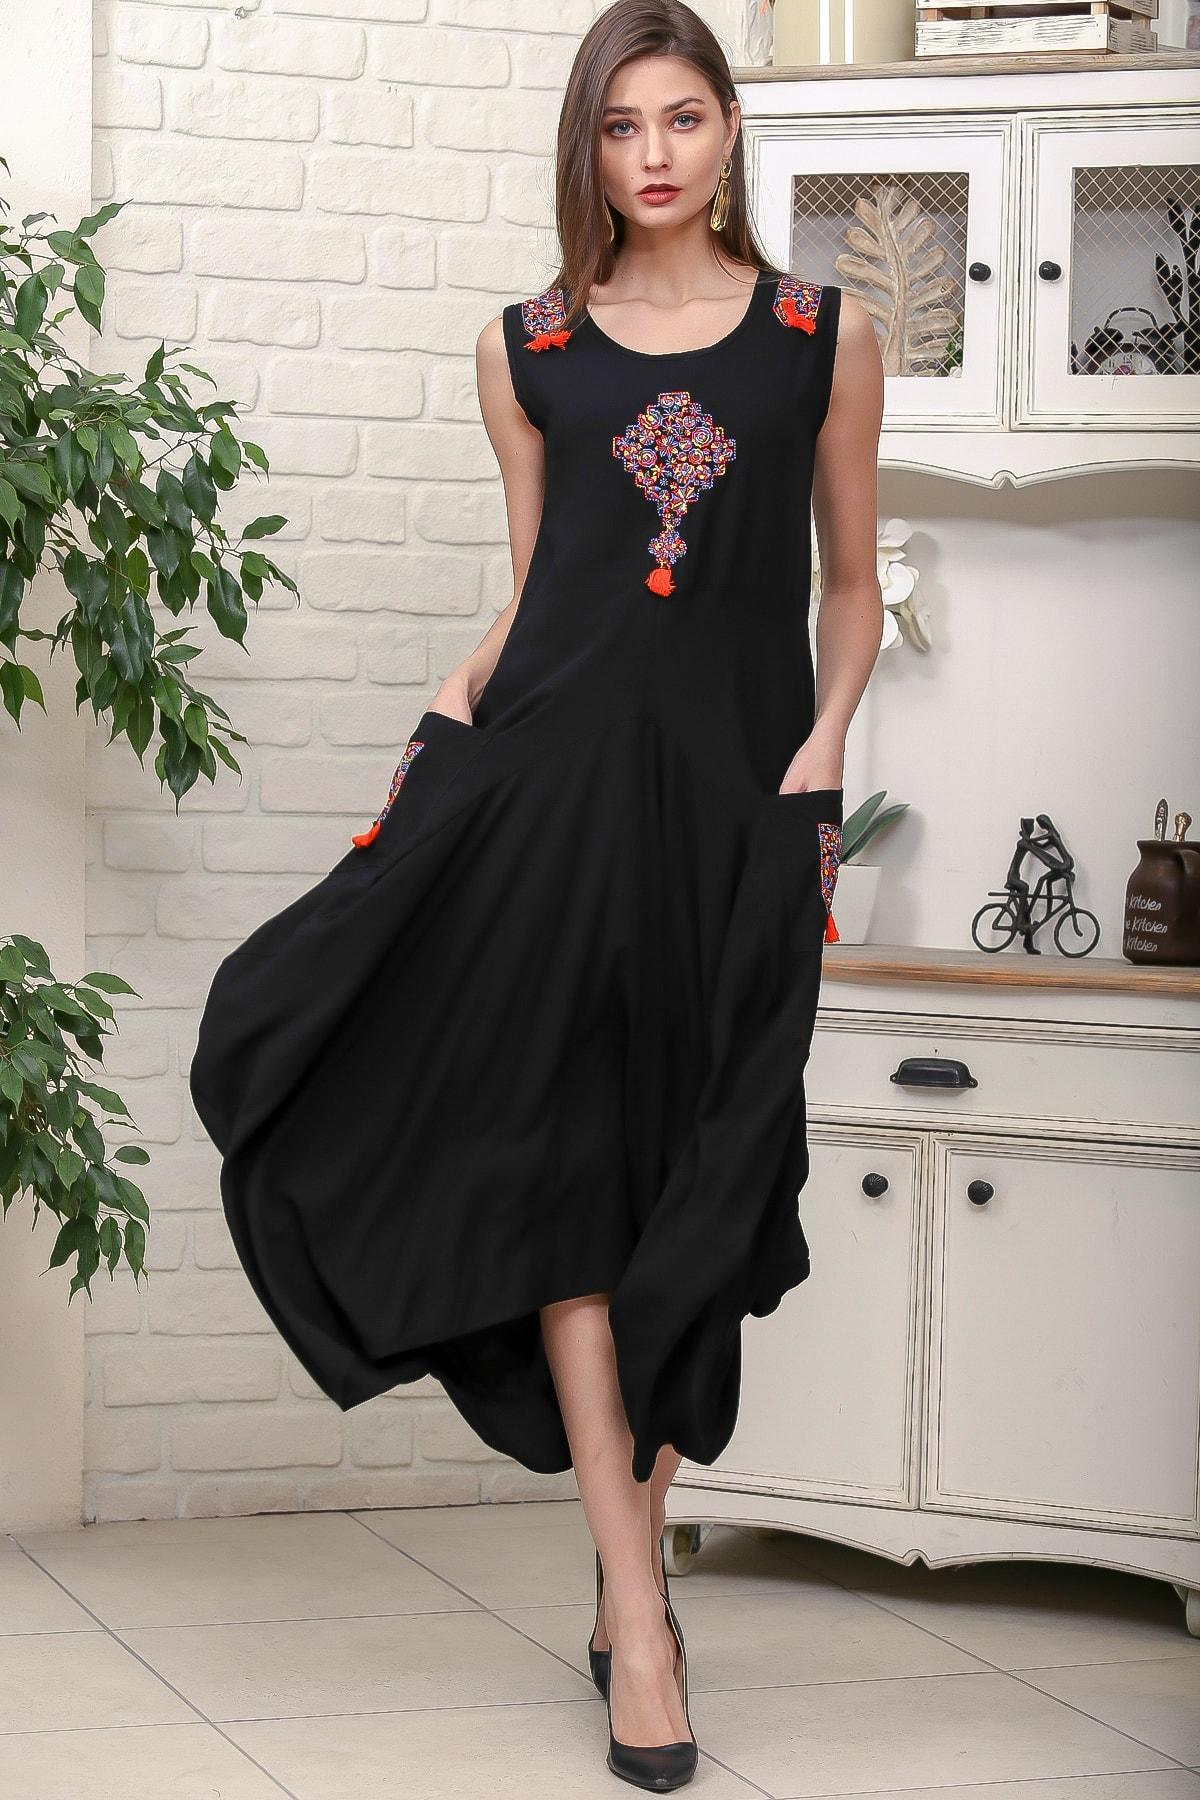 Chiccy Kadın Siyah Omuz Ve Ön Bedeni Tribal Nakışlı Cepli Asimetrik Salaş Dokuma Elbise M10160000EL95878 0